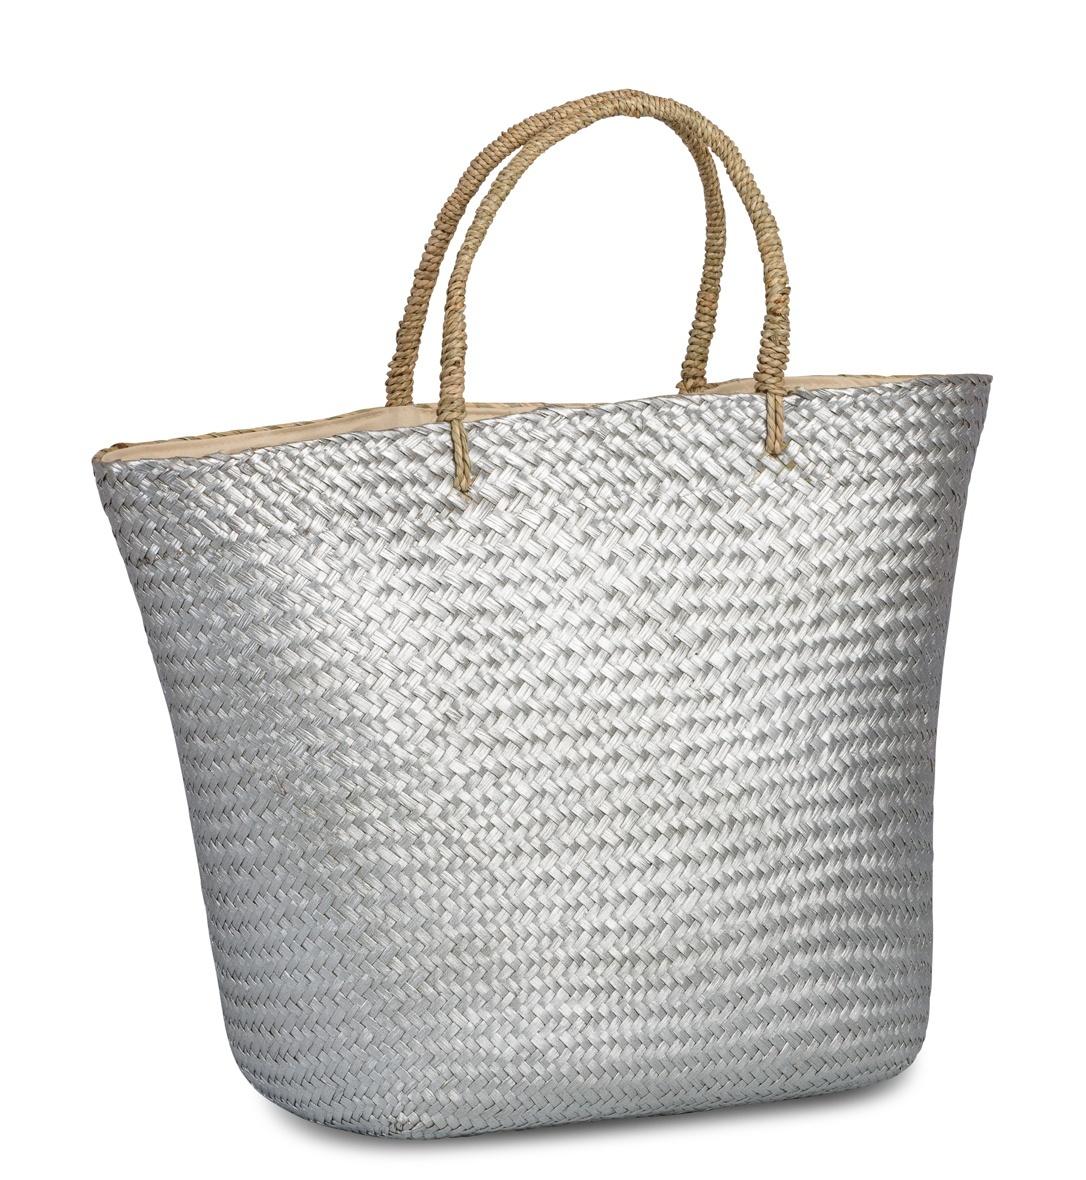 98de86bbb33 Grote Rieten Shopper tas zilver - ideaal voor het strand ! - Roos ...